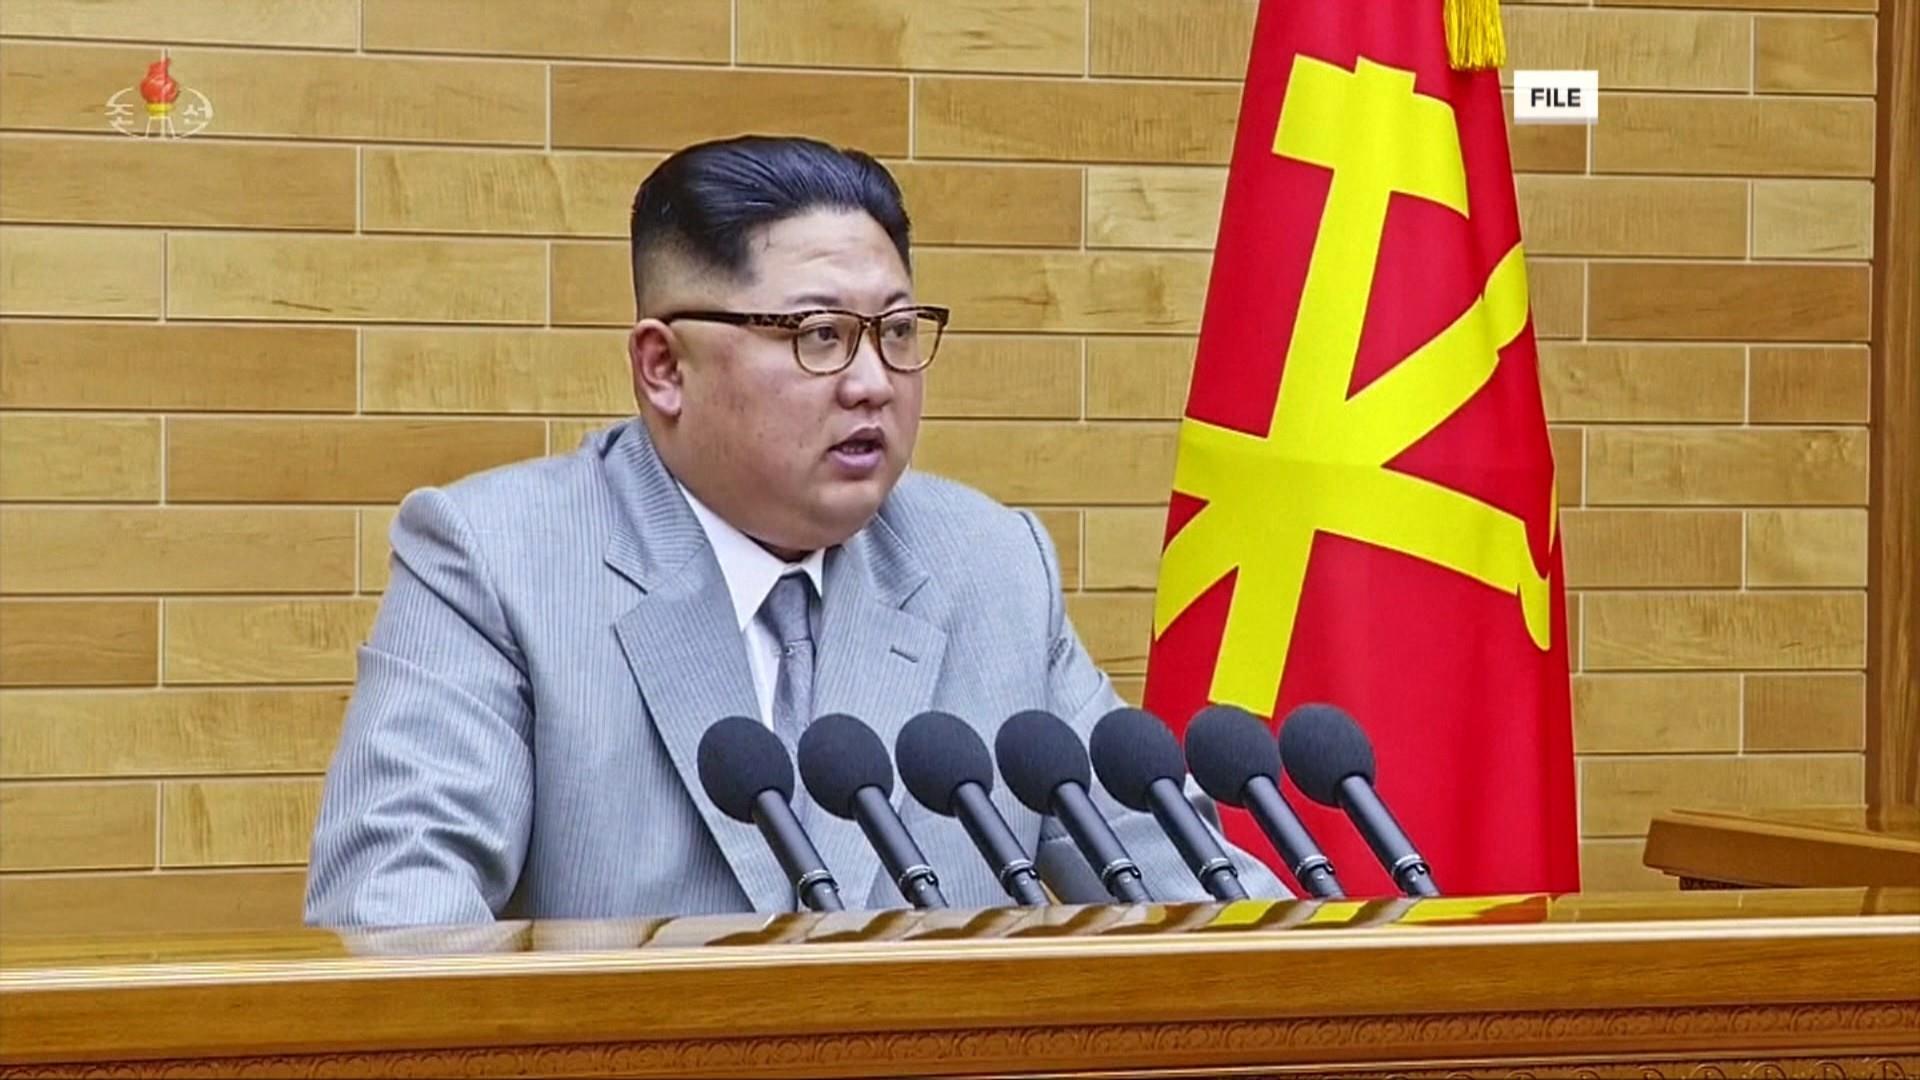 North Korea condemns new sanctions but opens door to talks with U.S.